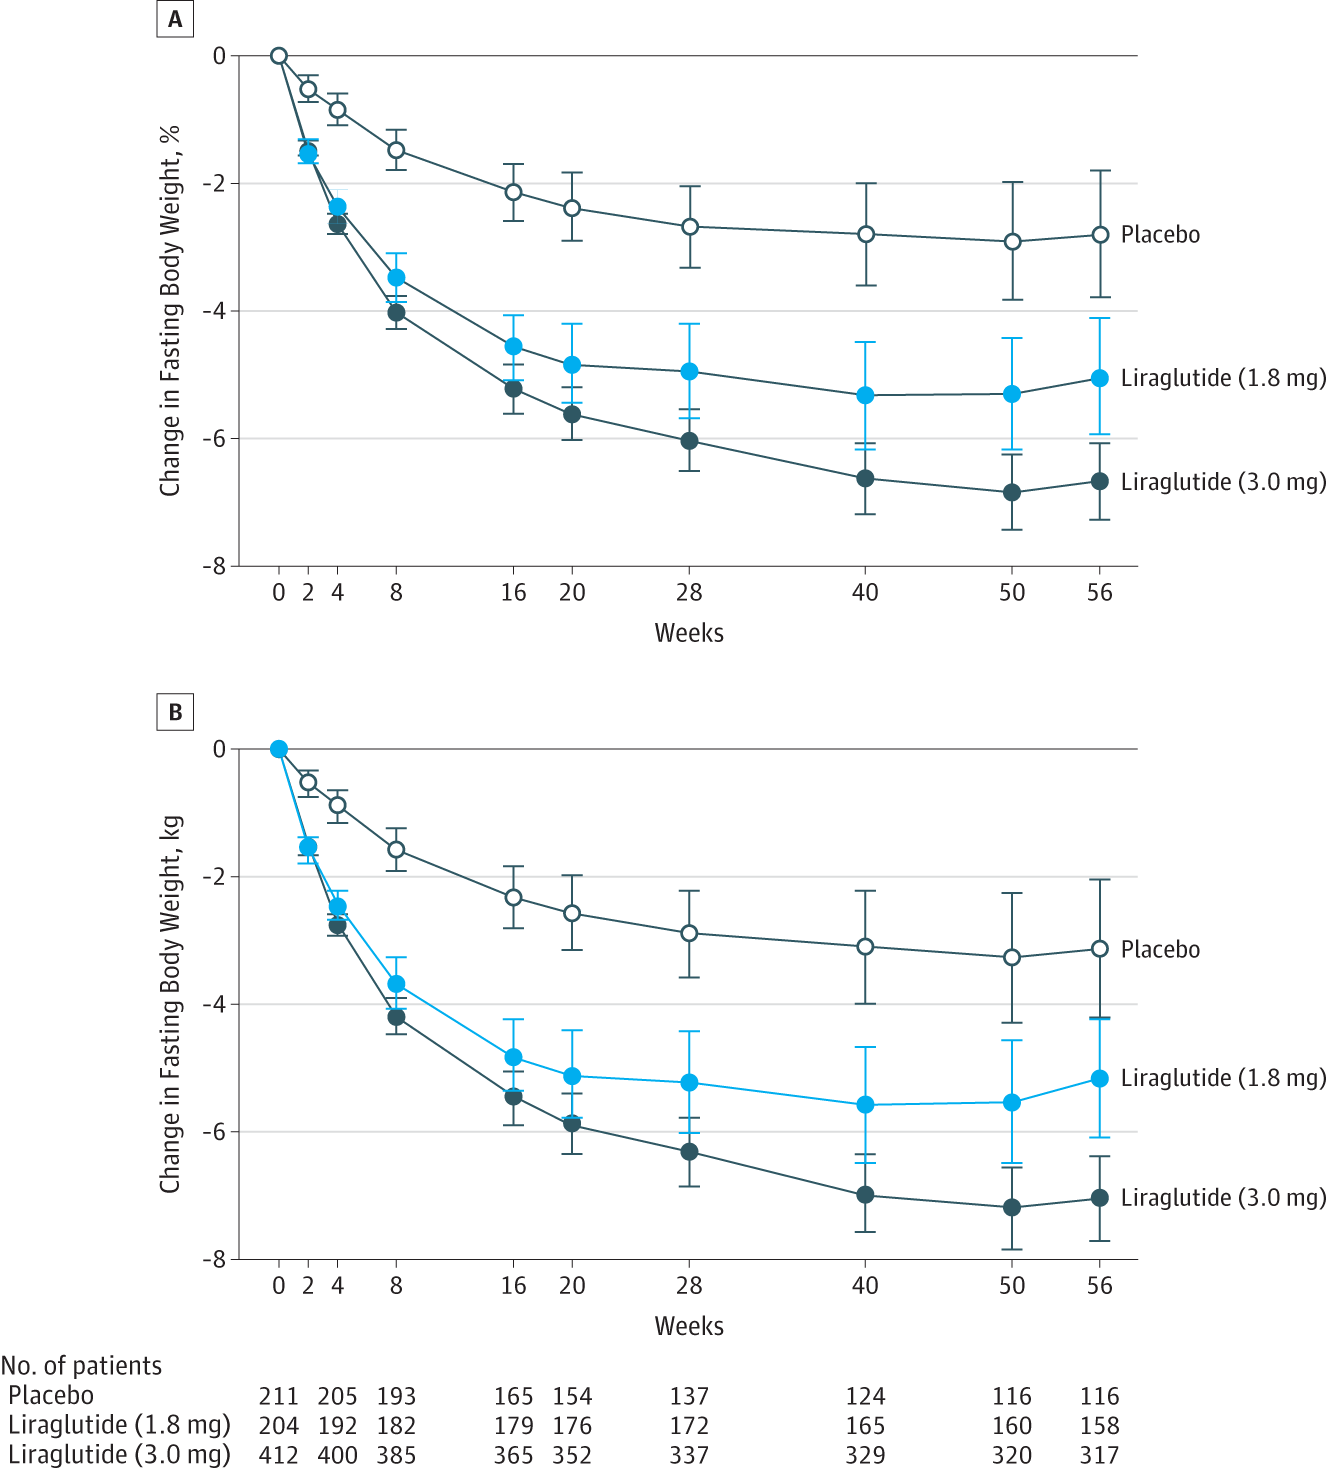 減量のために運動しても 20週間以上経過すると 効果は予想を下回ることを示すグラフ